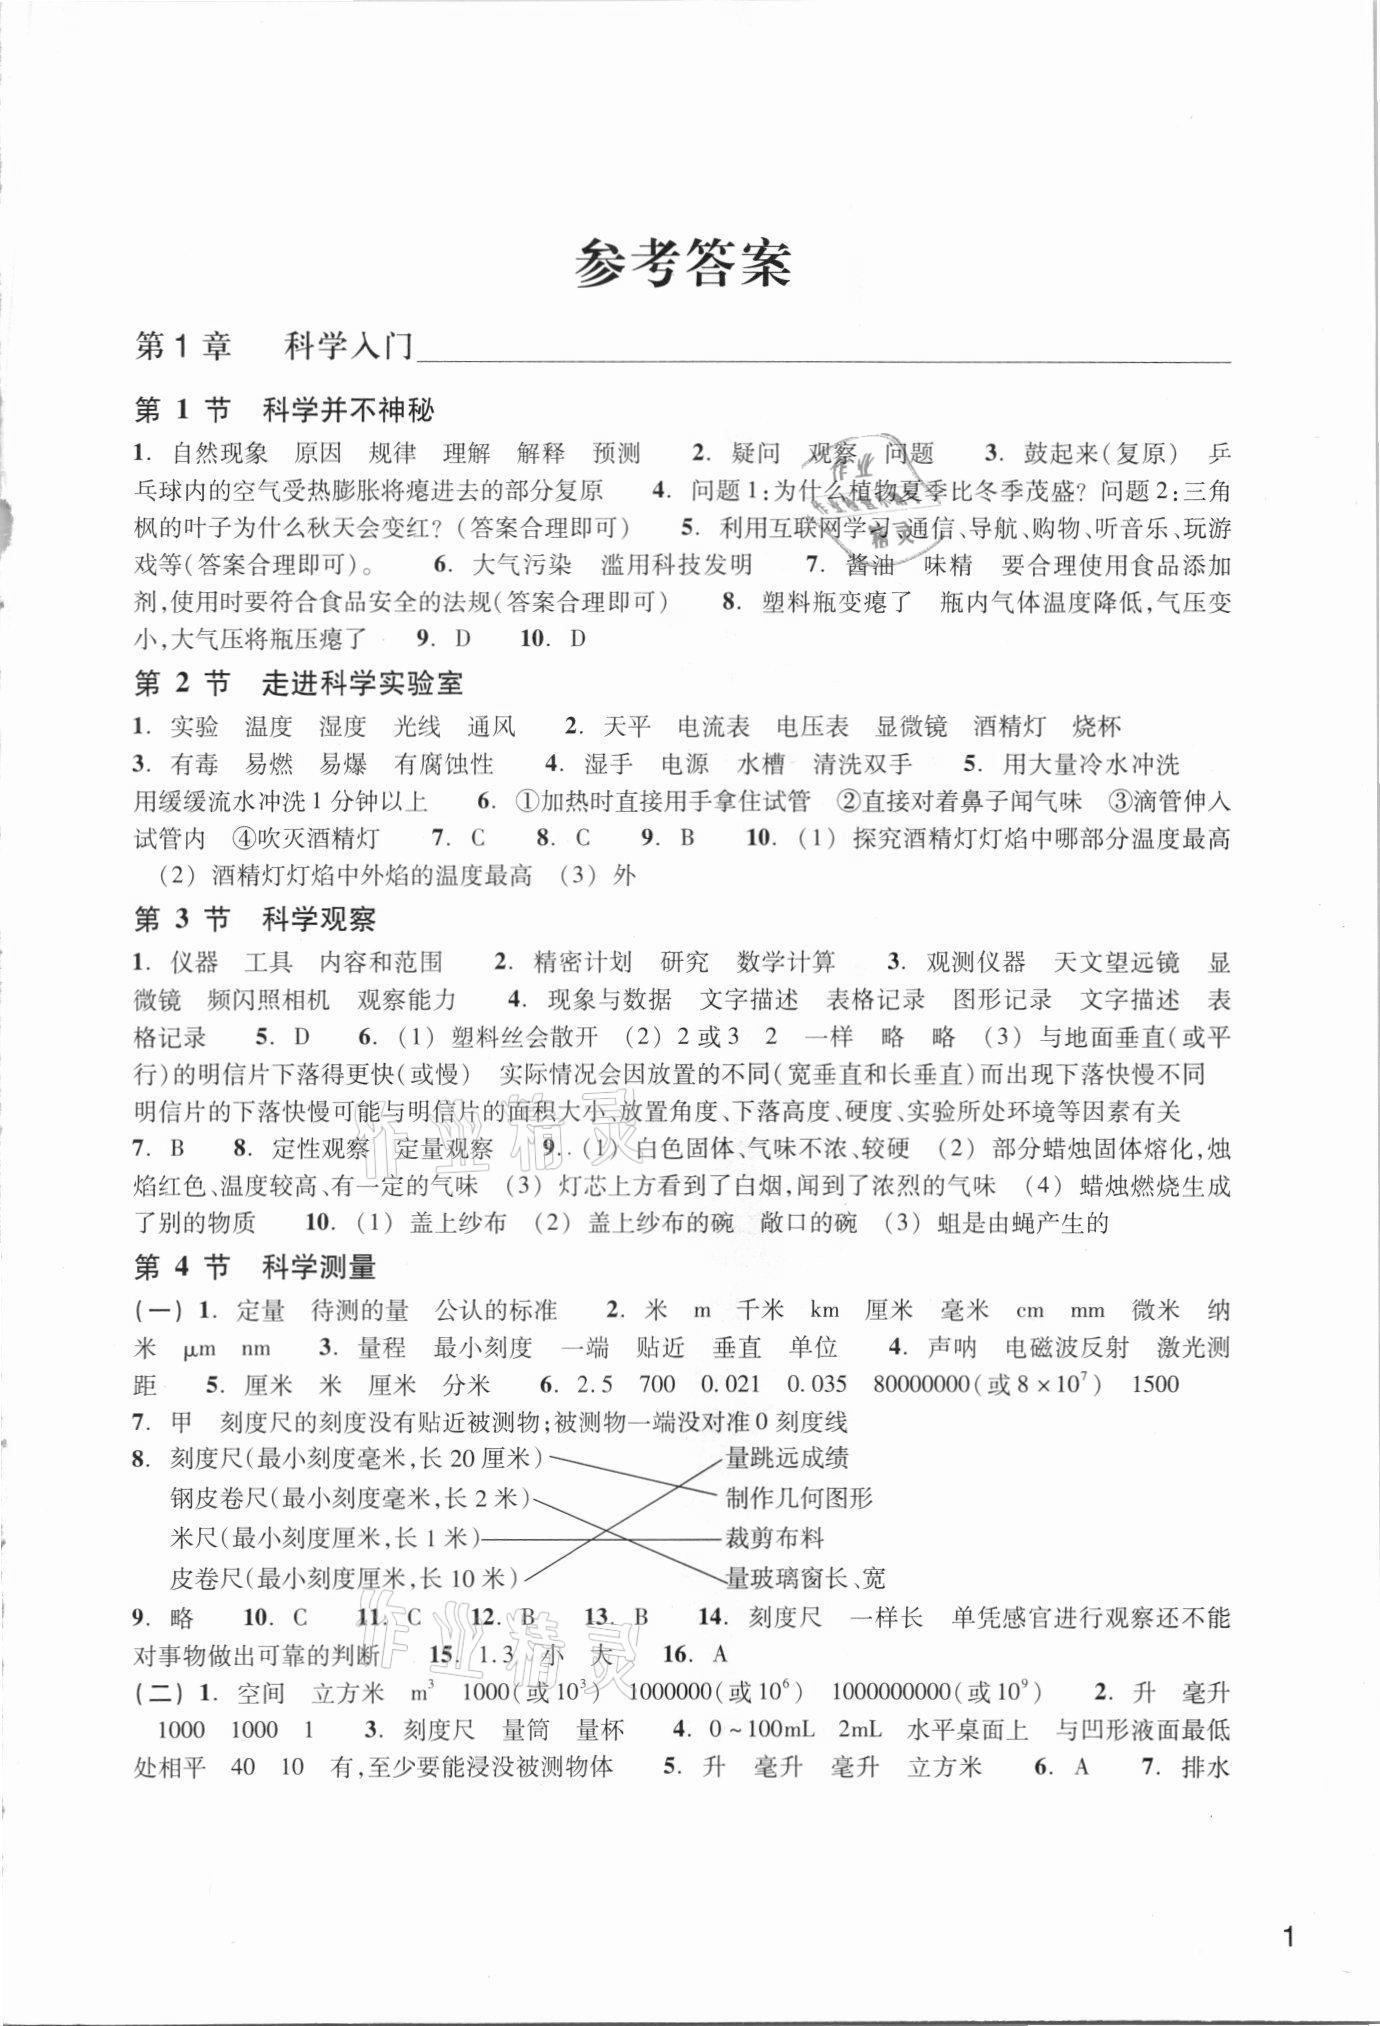 2021年科學作業本七年級上冊浙教版浙江教育出版社第1頁